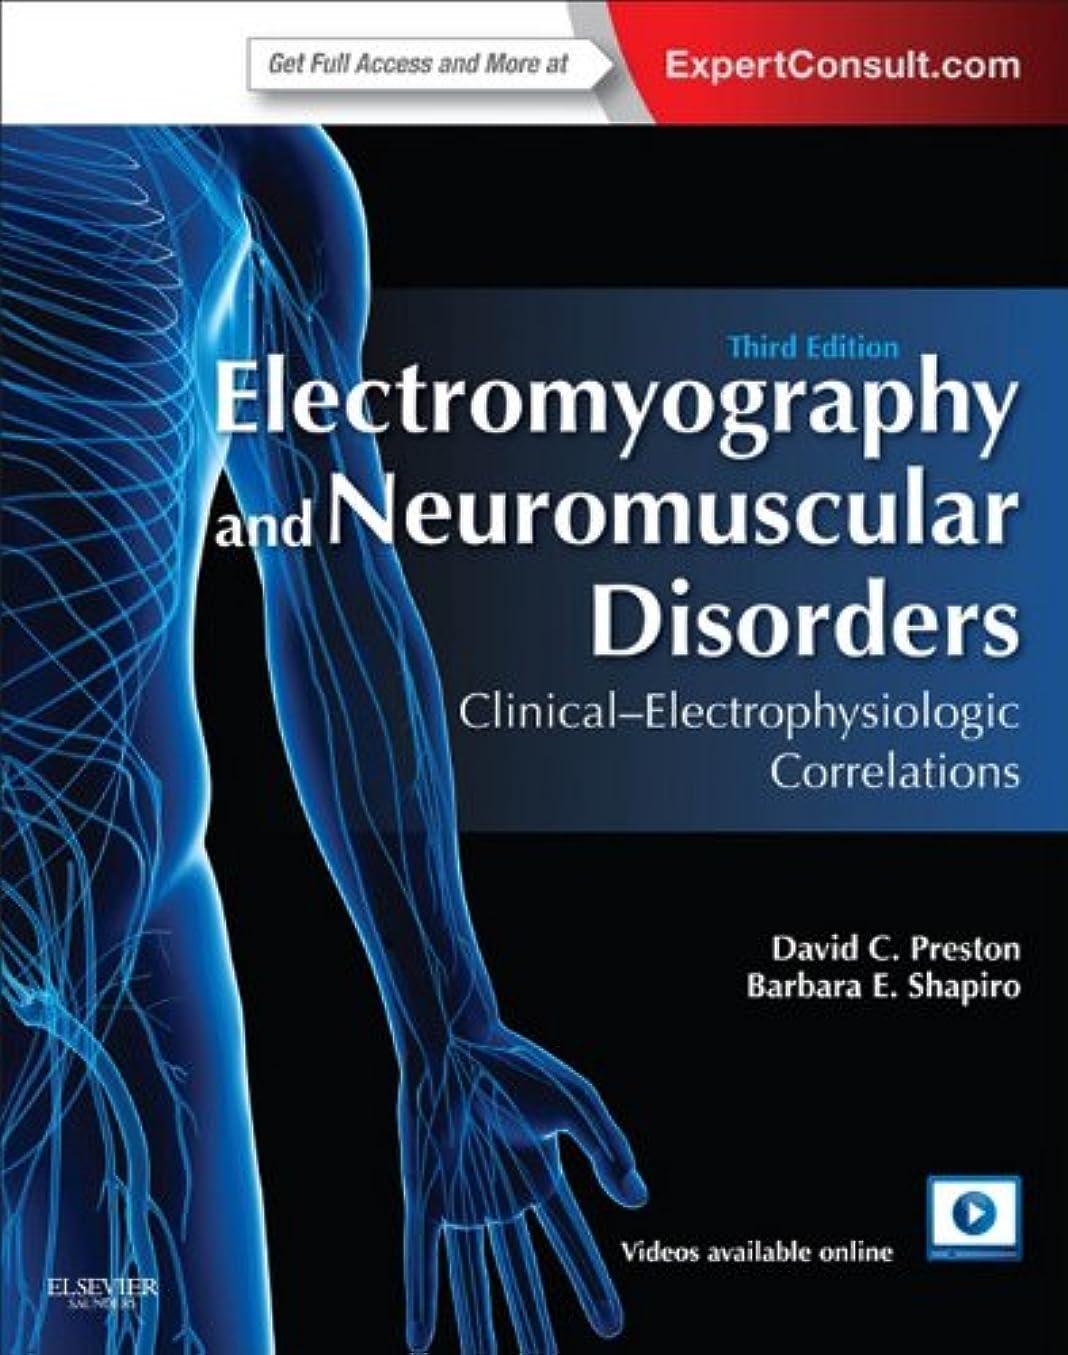 里親数発掘するElectromyography and Neuromuscular Disorders E-Book: Clinical-Electrophysiologic Correlations (Expert Consult - Online and Print) (English Edition)